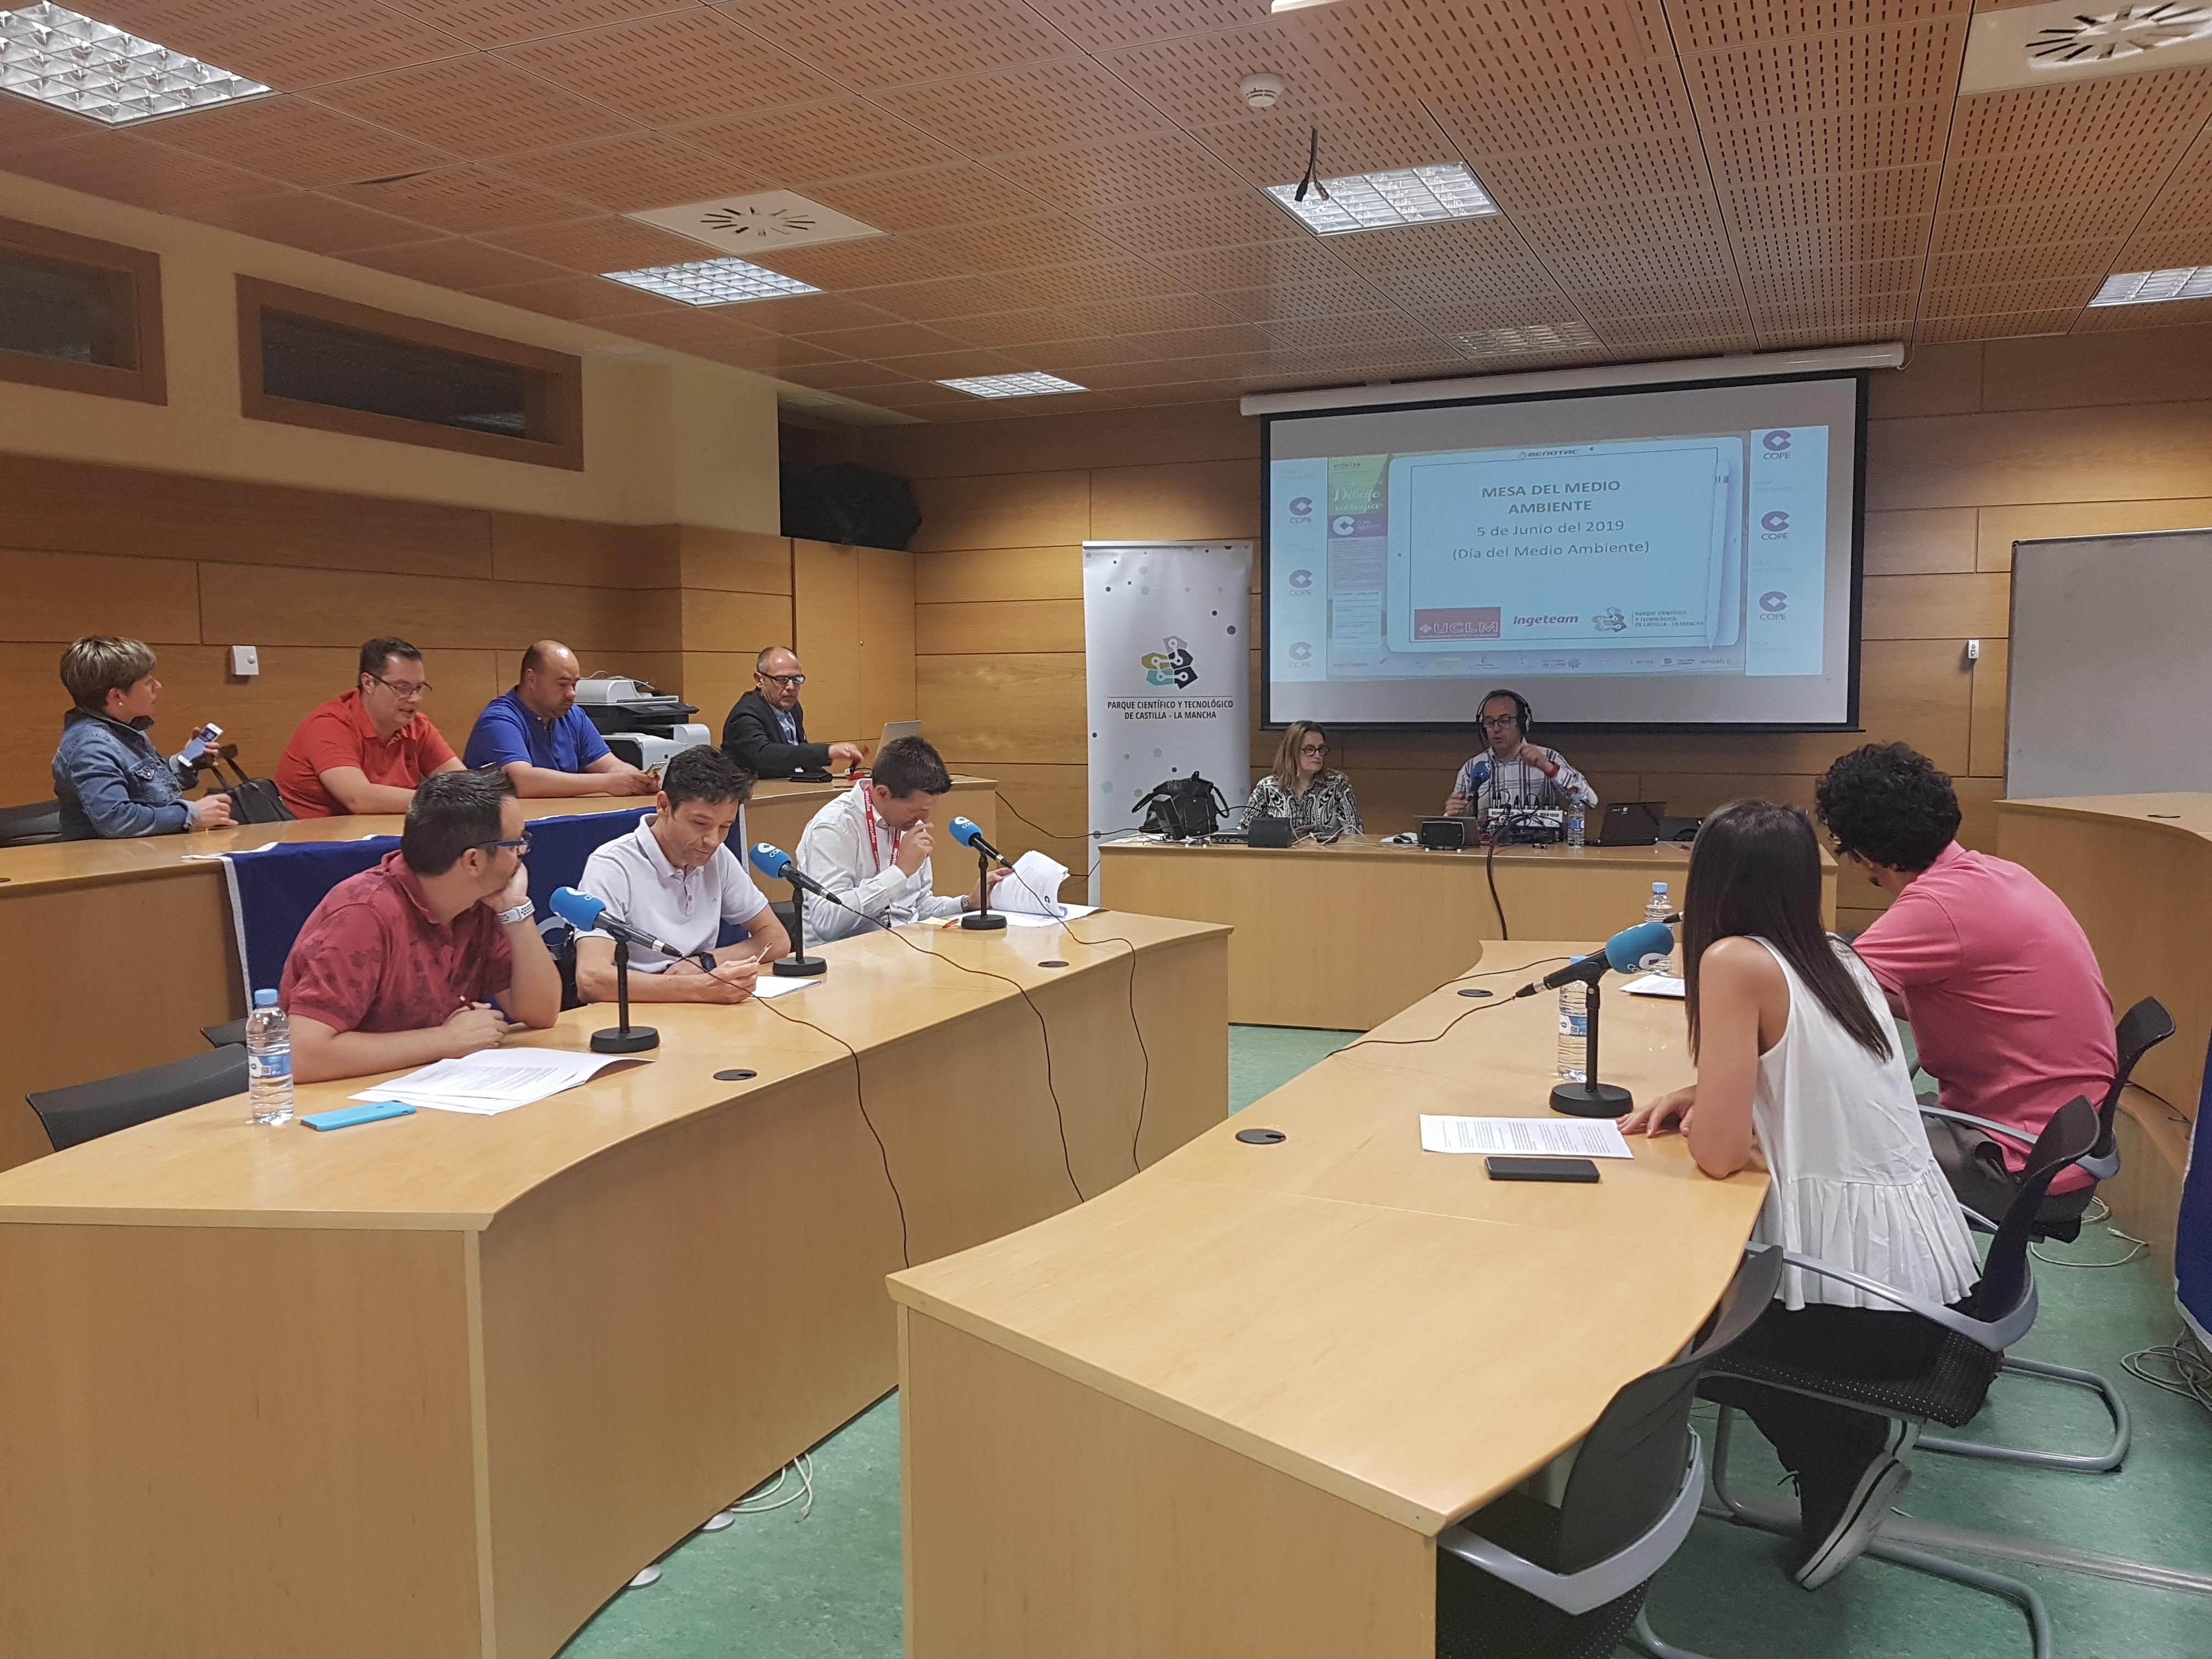 El PCTCLM celebra el Día Mundial del Medio Ambiente con una mesa redonda organizada y difundida por COPE_Albacete y en colaboración con la UCLM e Ingeteam